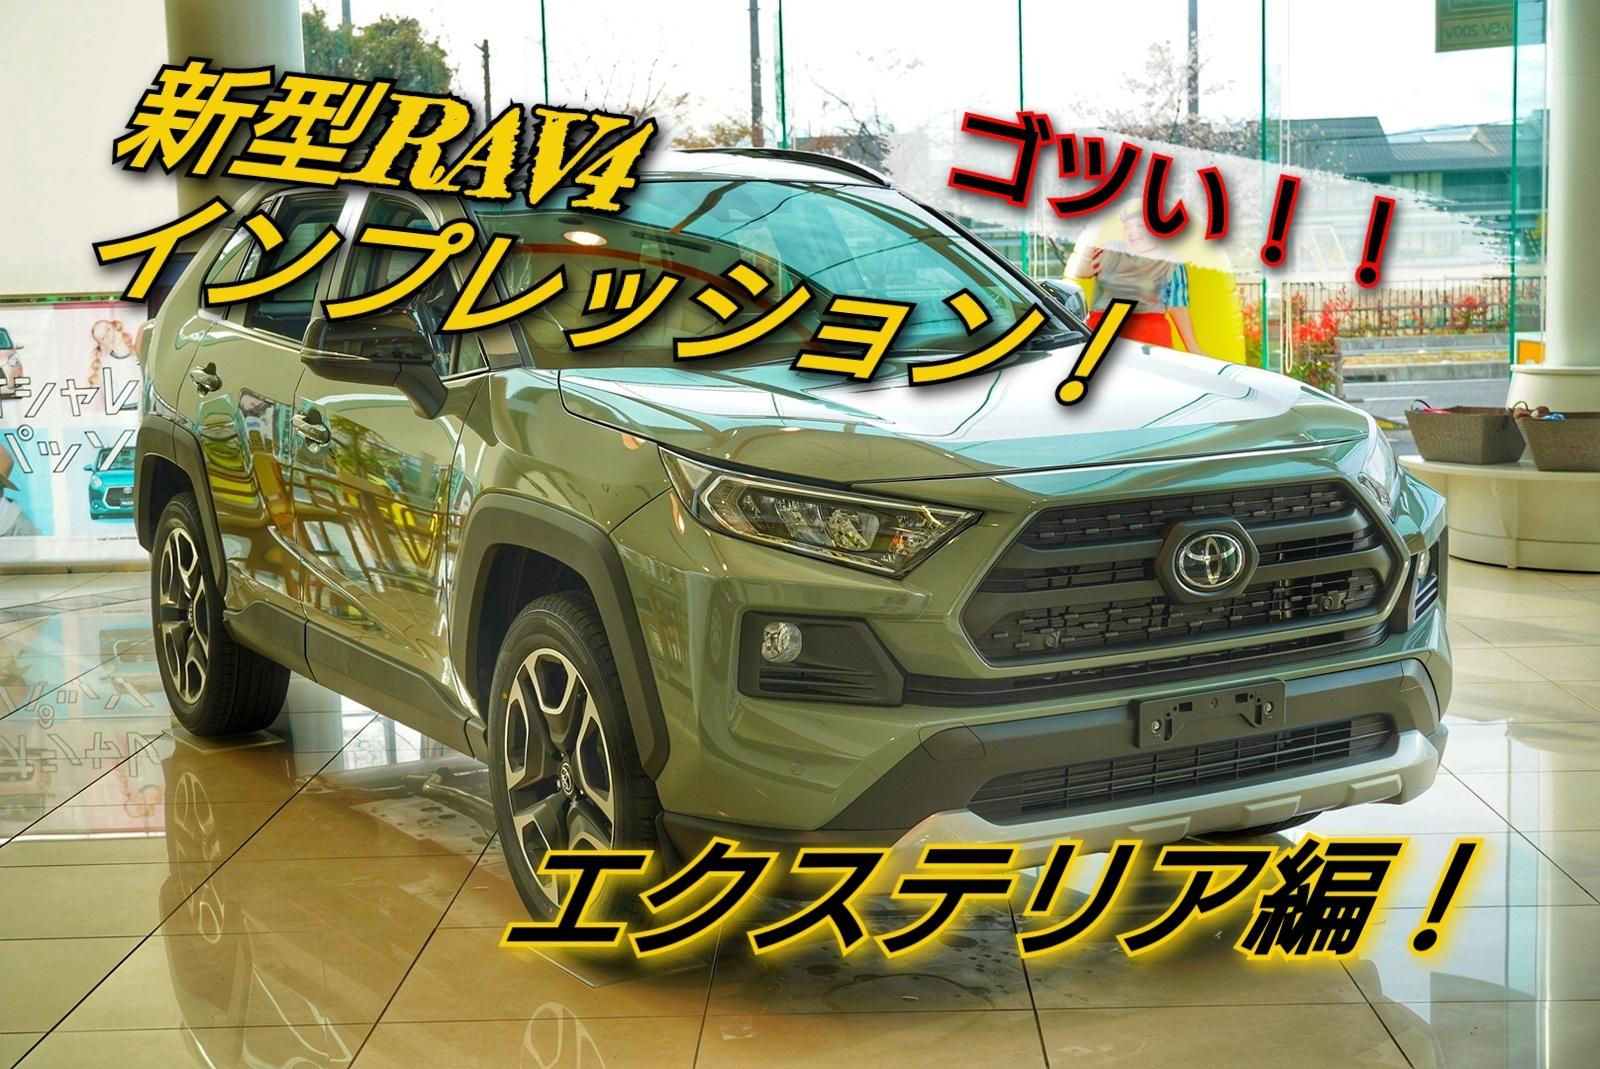 【カッコイイ!】エクステリア編!新型RAV4インプレッション!